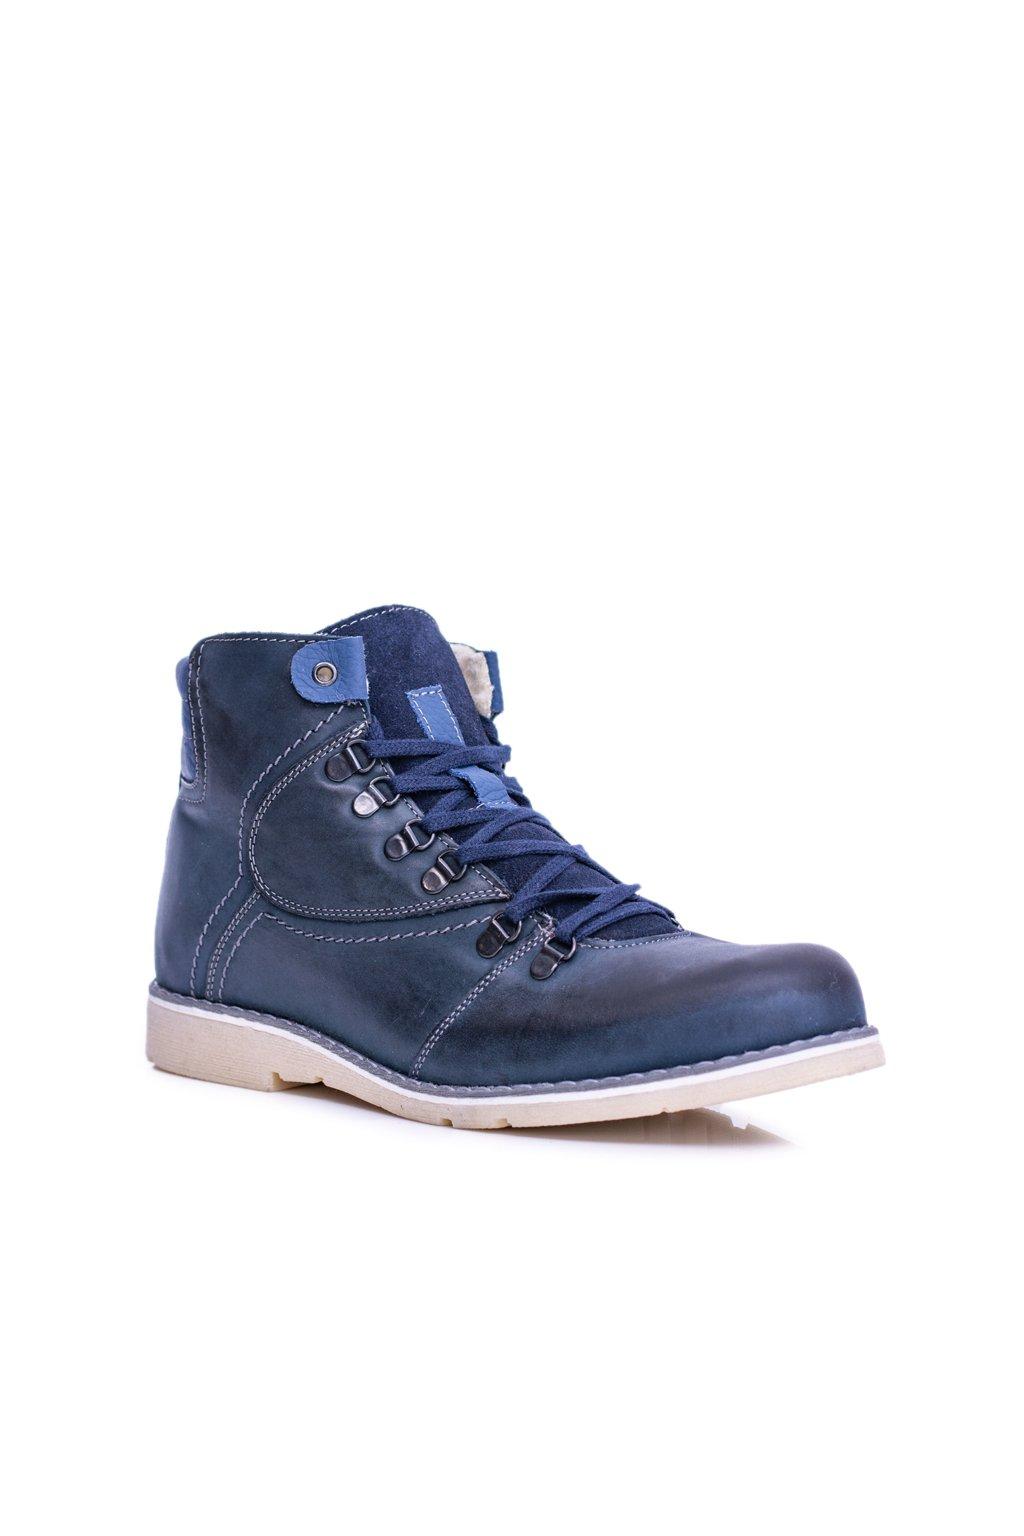 Pánske topánky na zimu farba modrá kód obuvi 733 NAVY